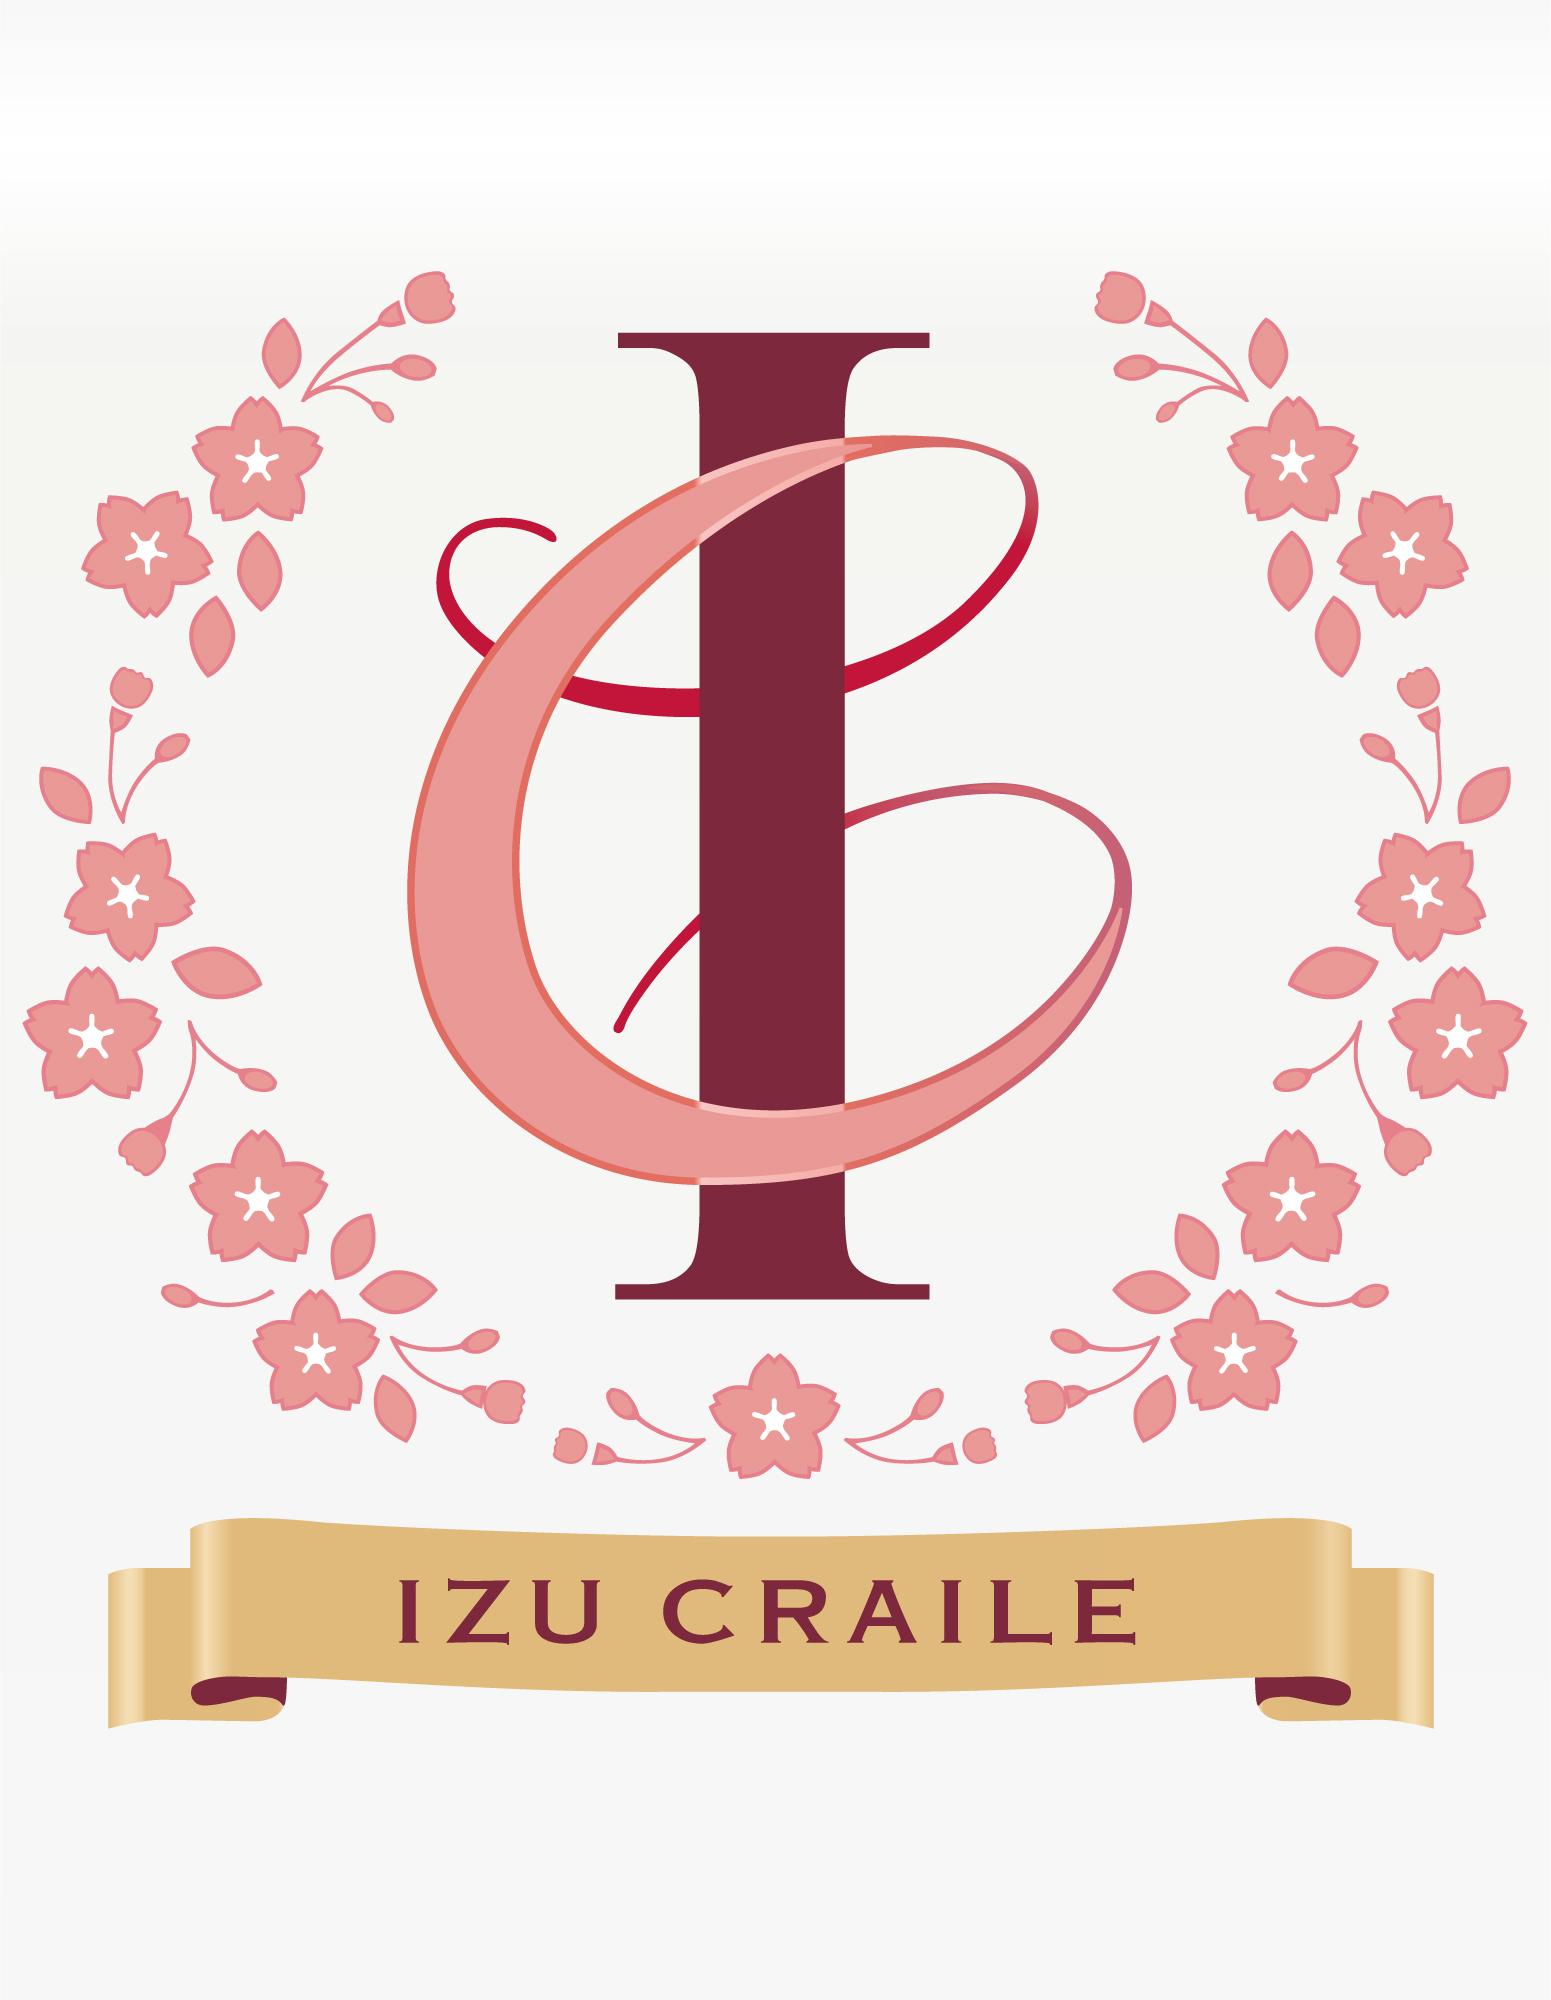 伊豆クレイル(IZU CRAILE)ロゴマーク